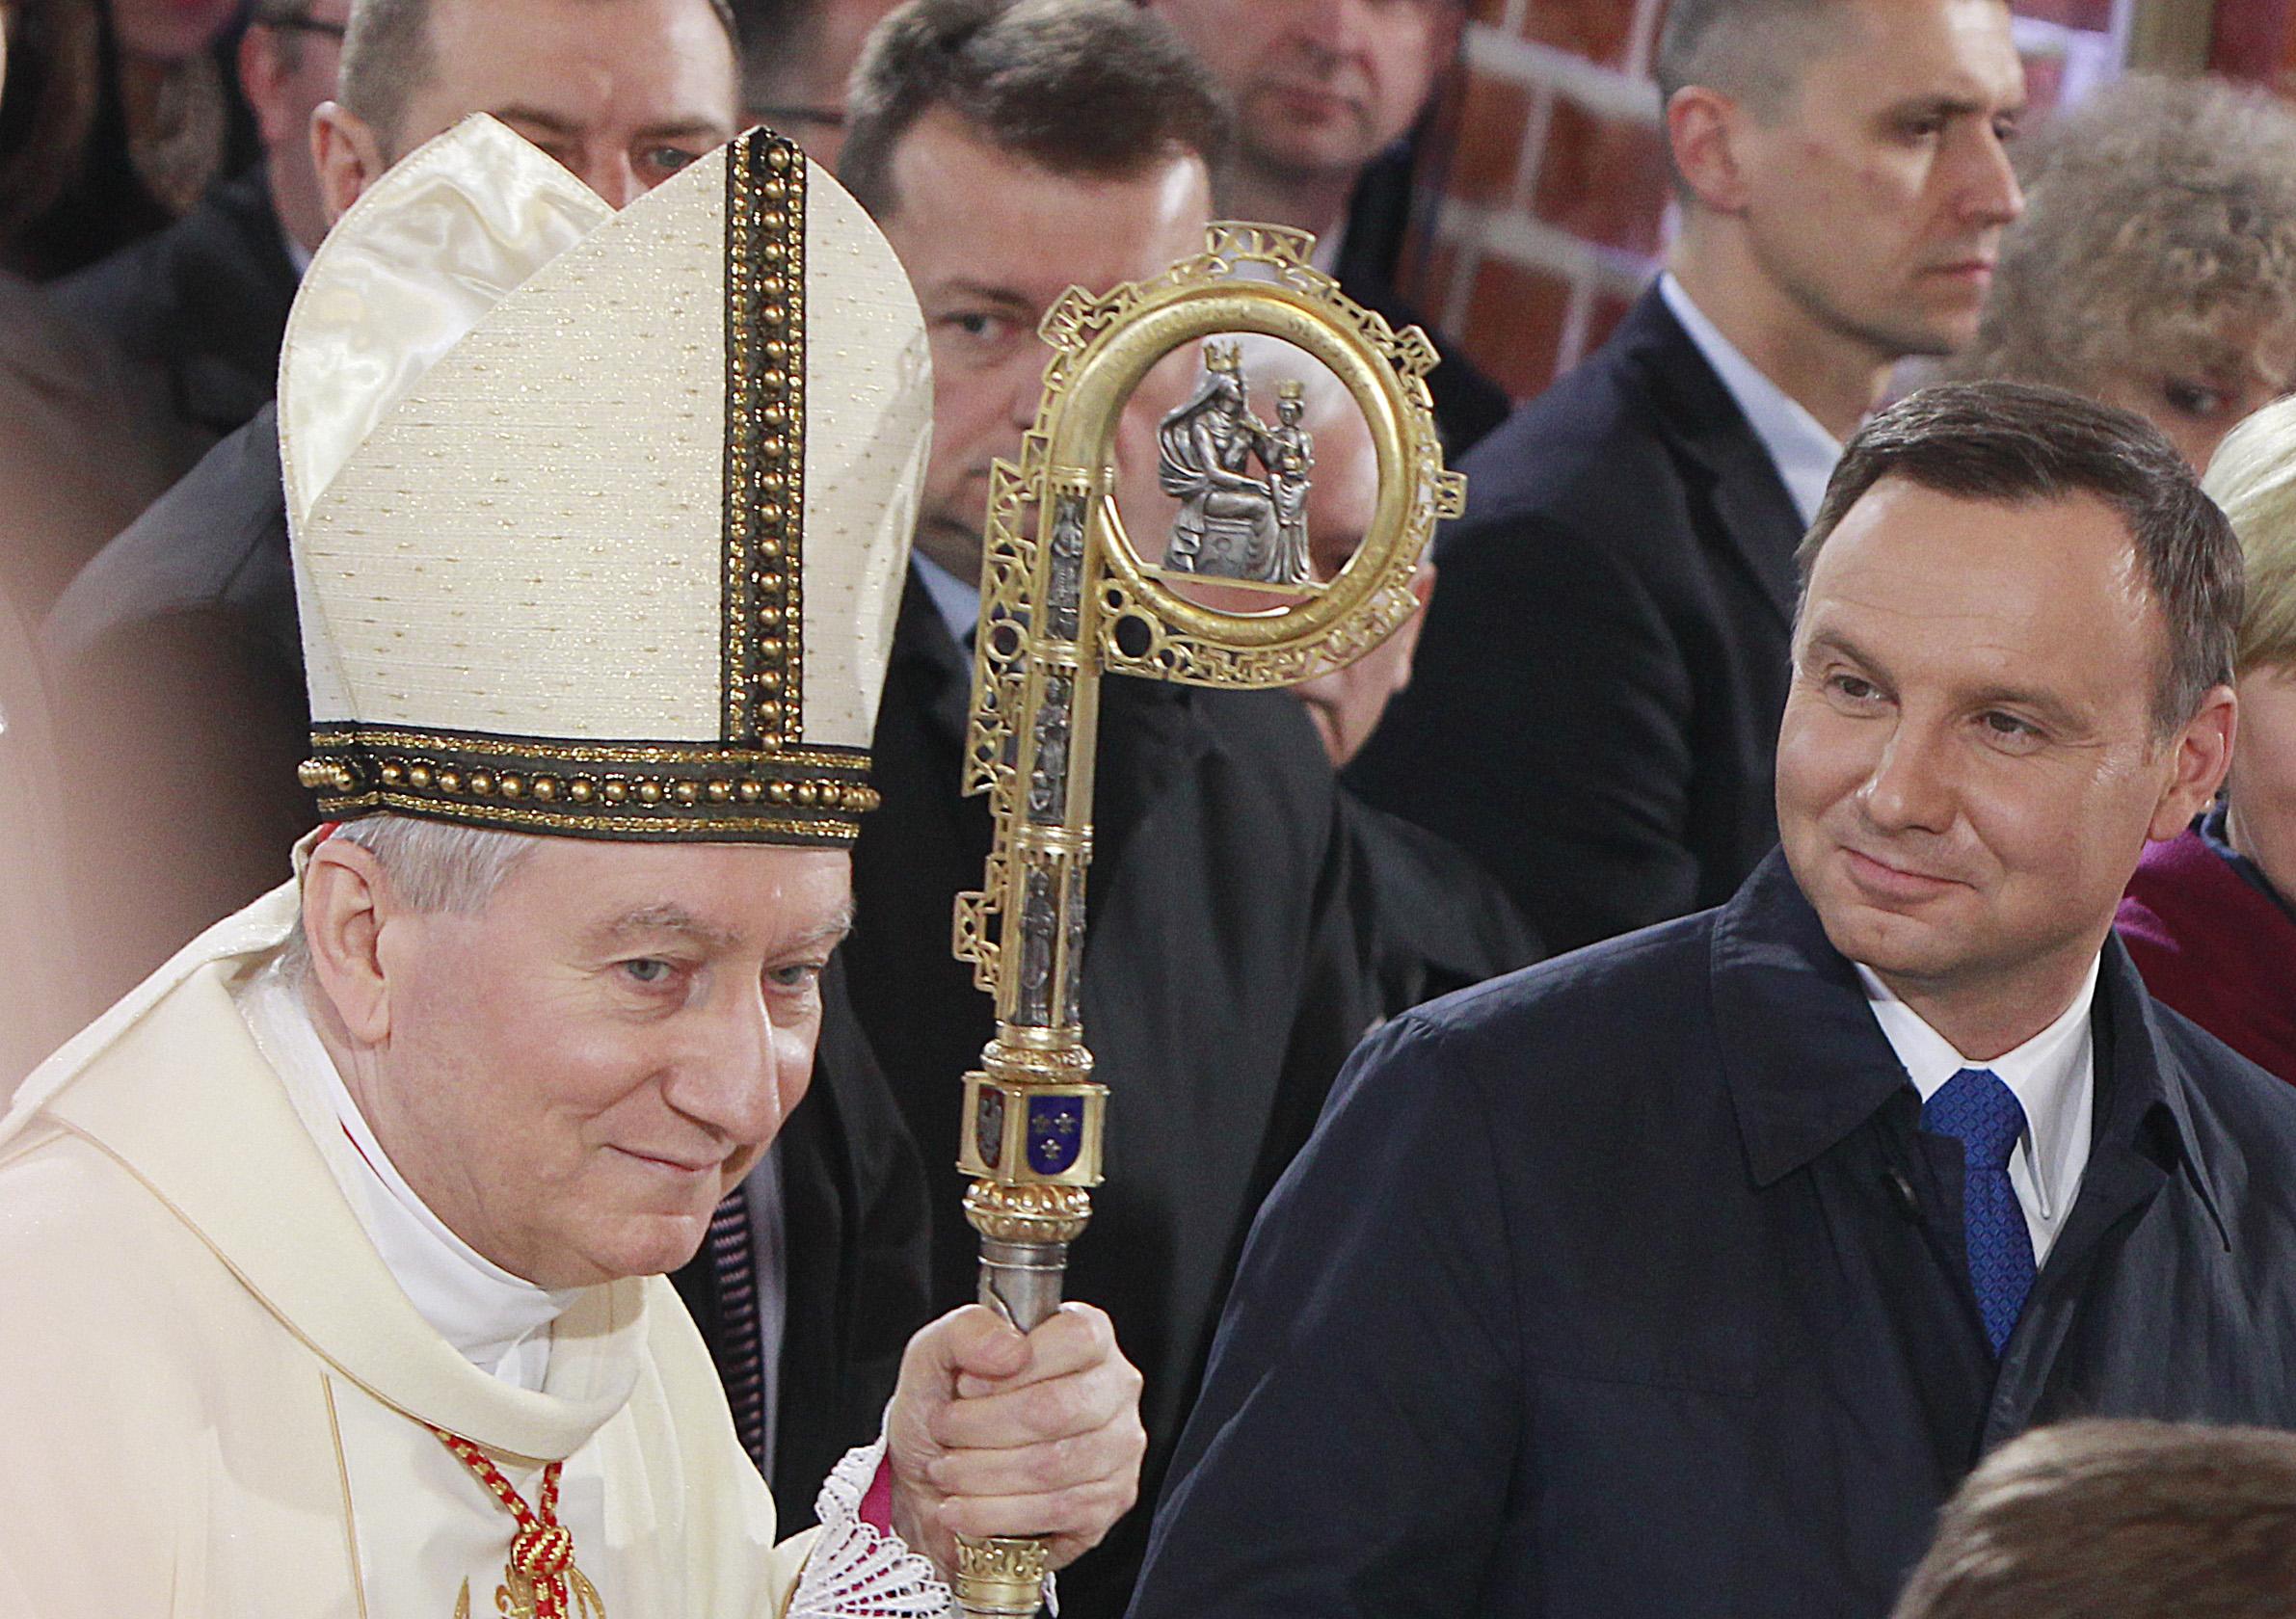 Кардинал Паролин: Церковь в Польше всегда была светом во тьме, пытающейся покрыть Европу